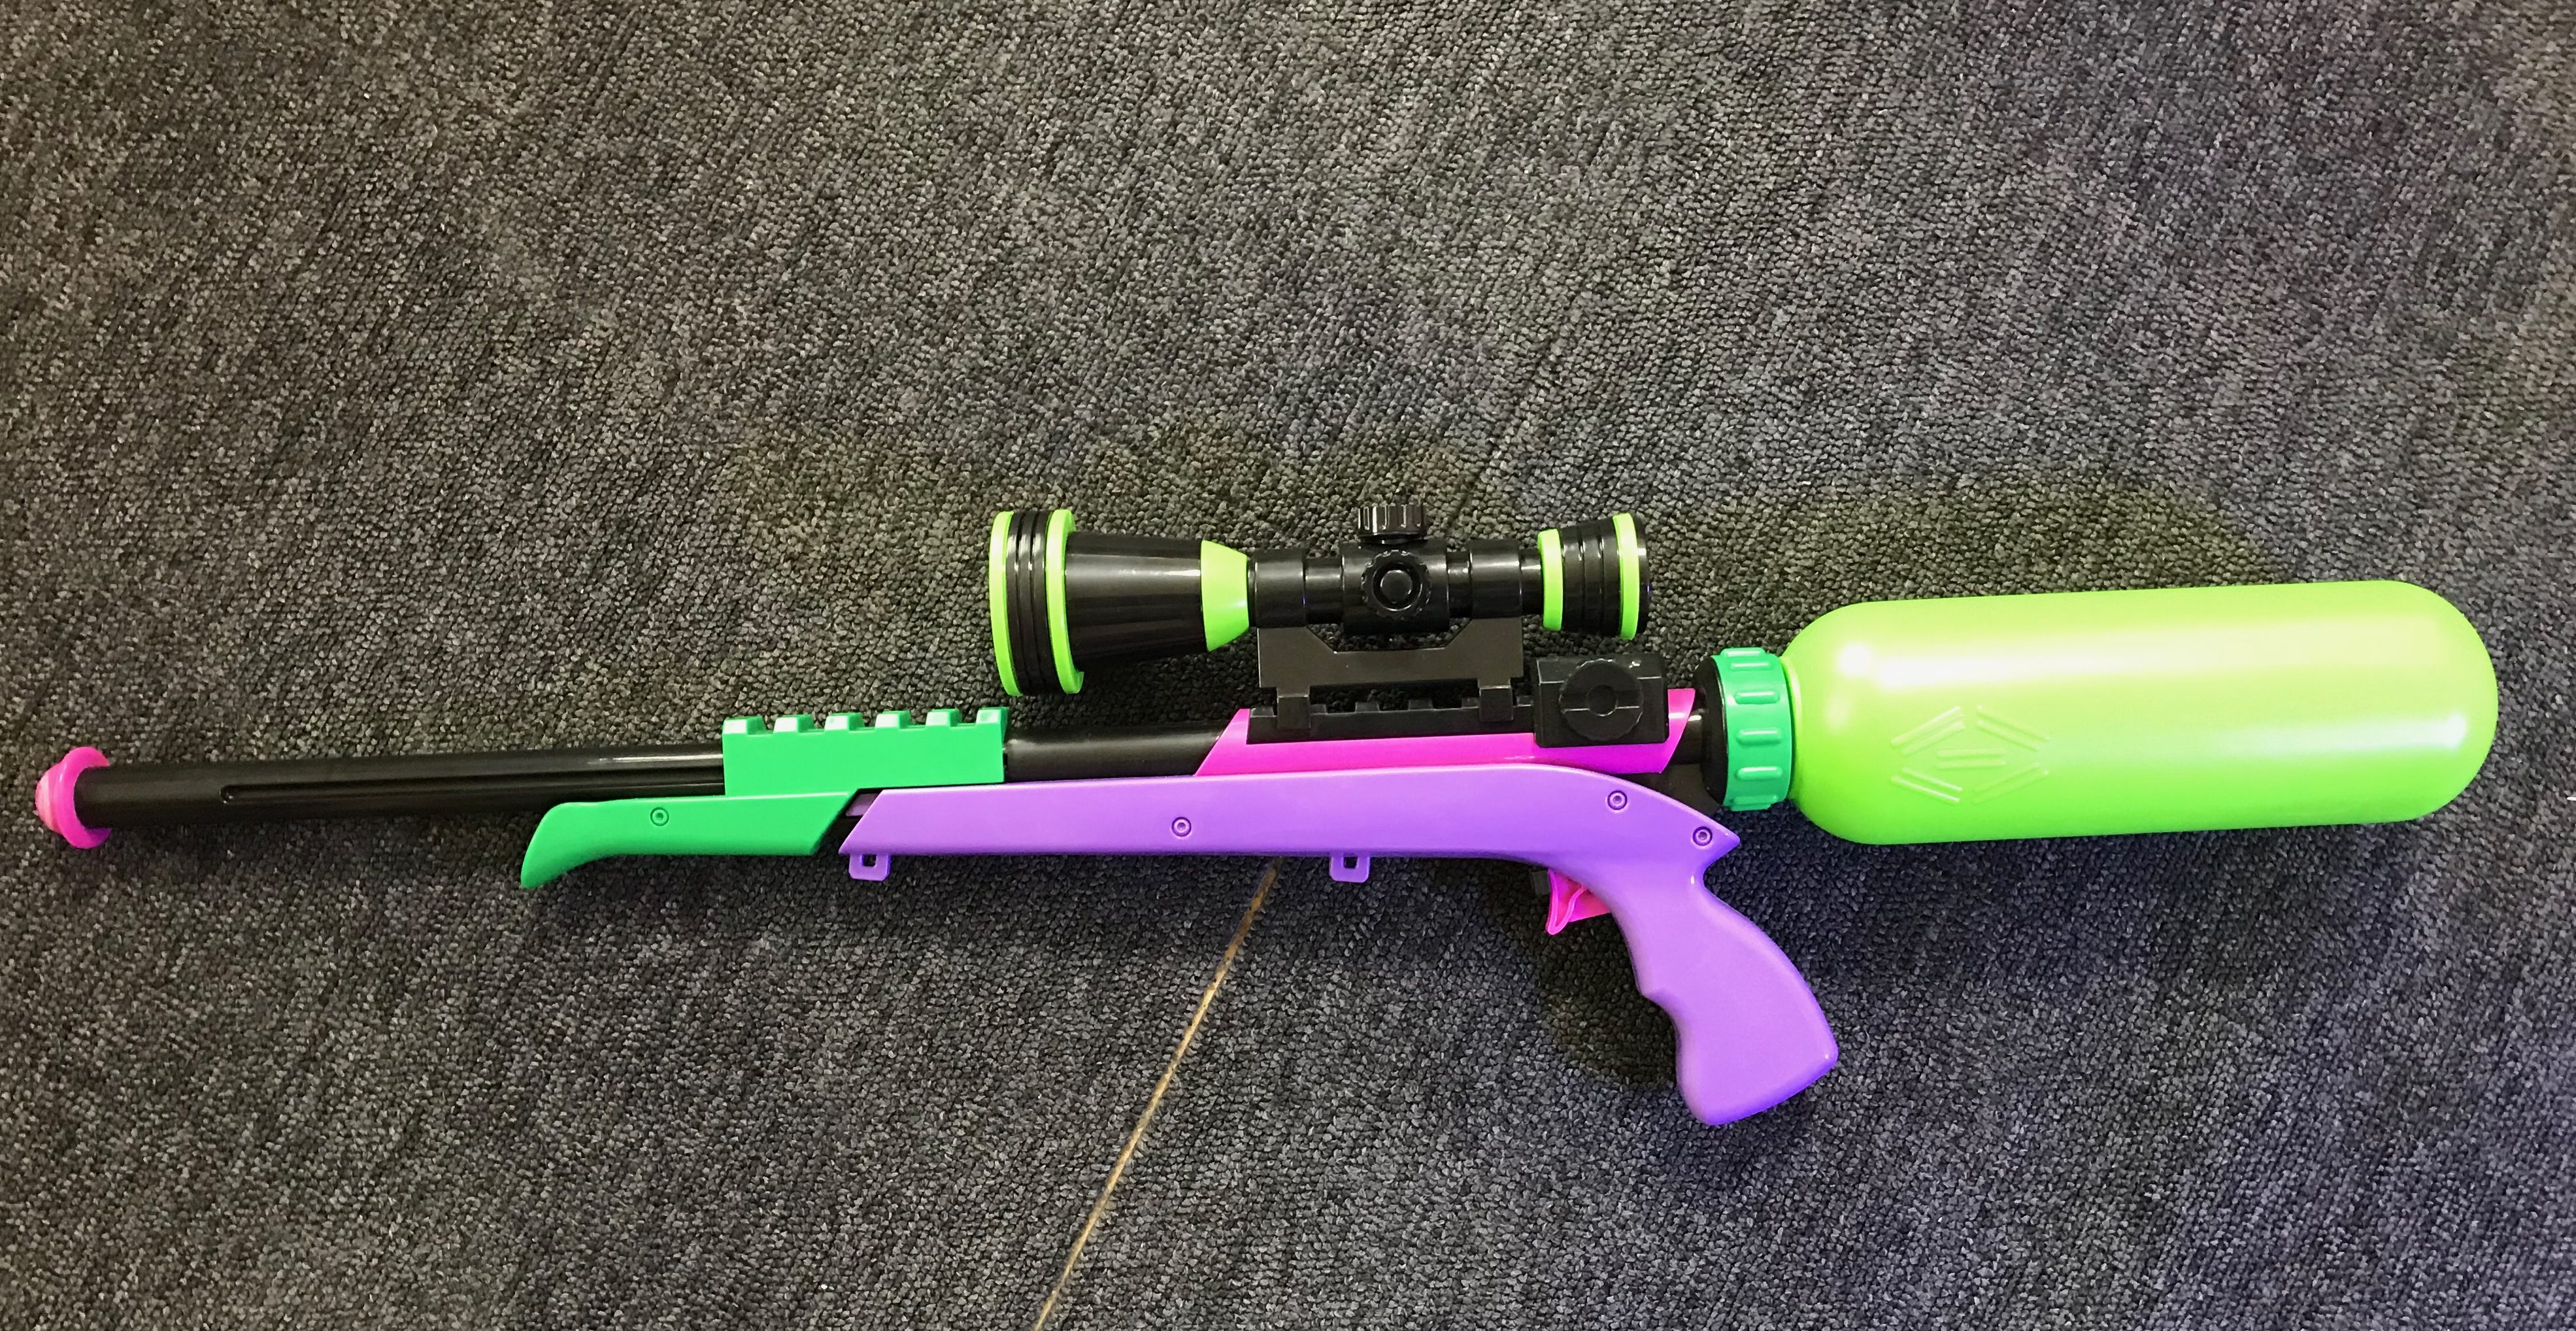 スプラトゥーン2の水鉄砲レビュー!リアルなスプラスコープで子供と遊ぼう!